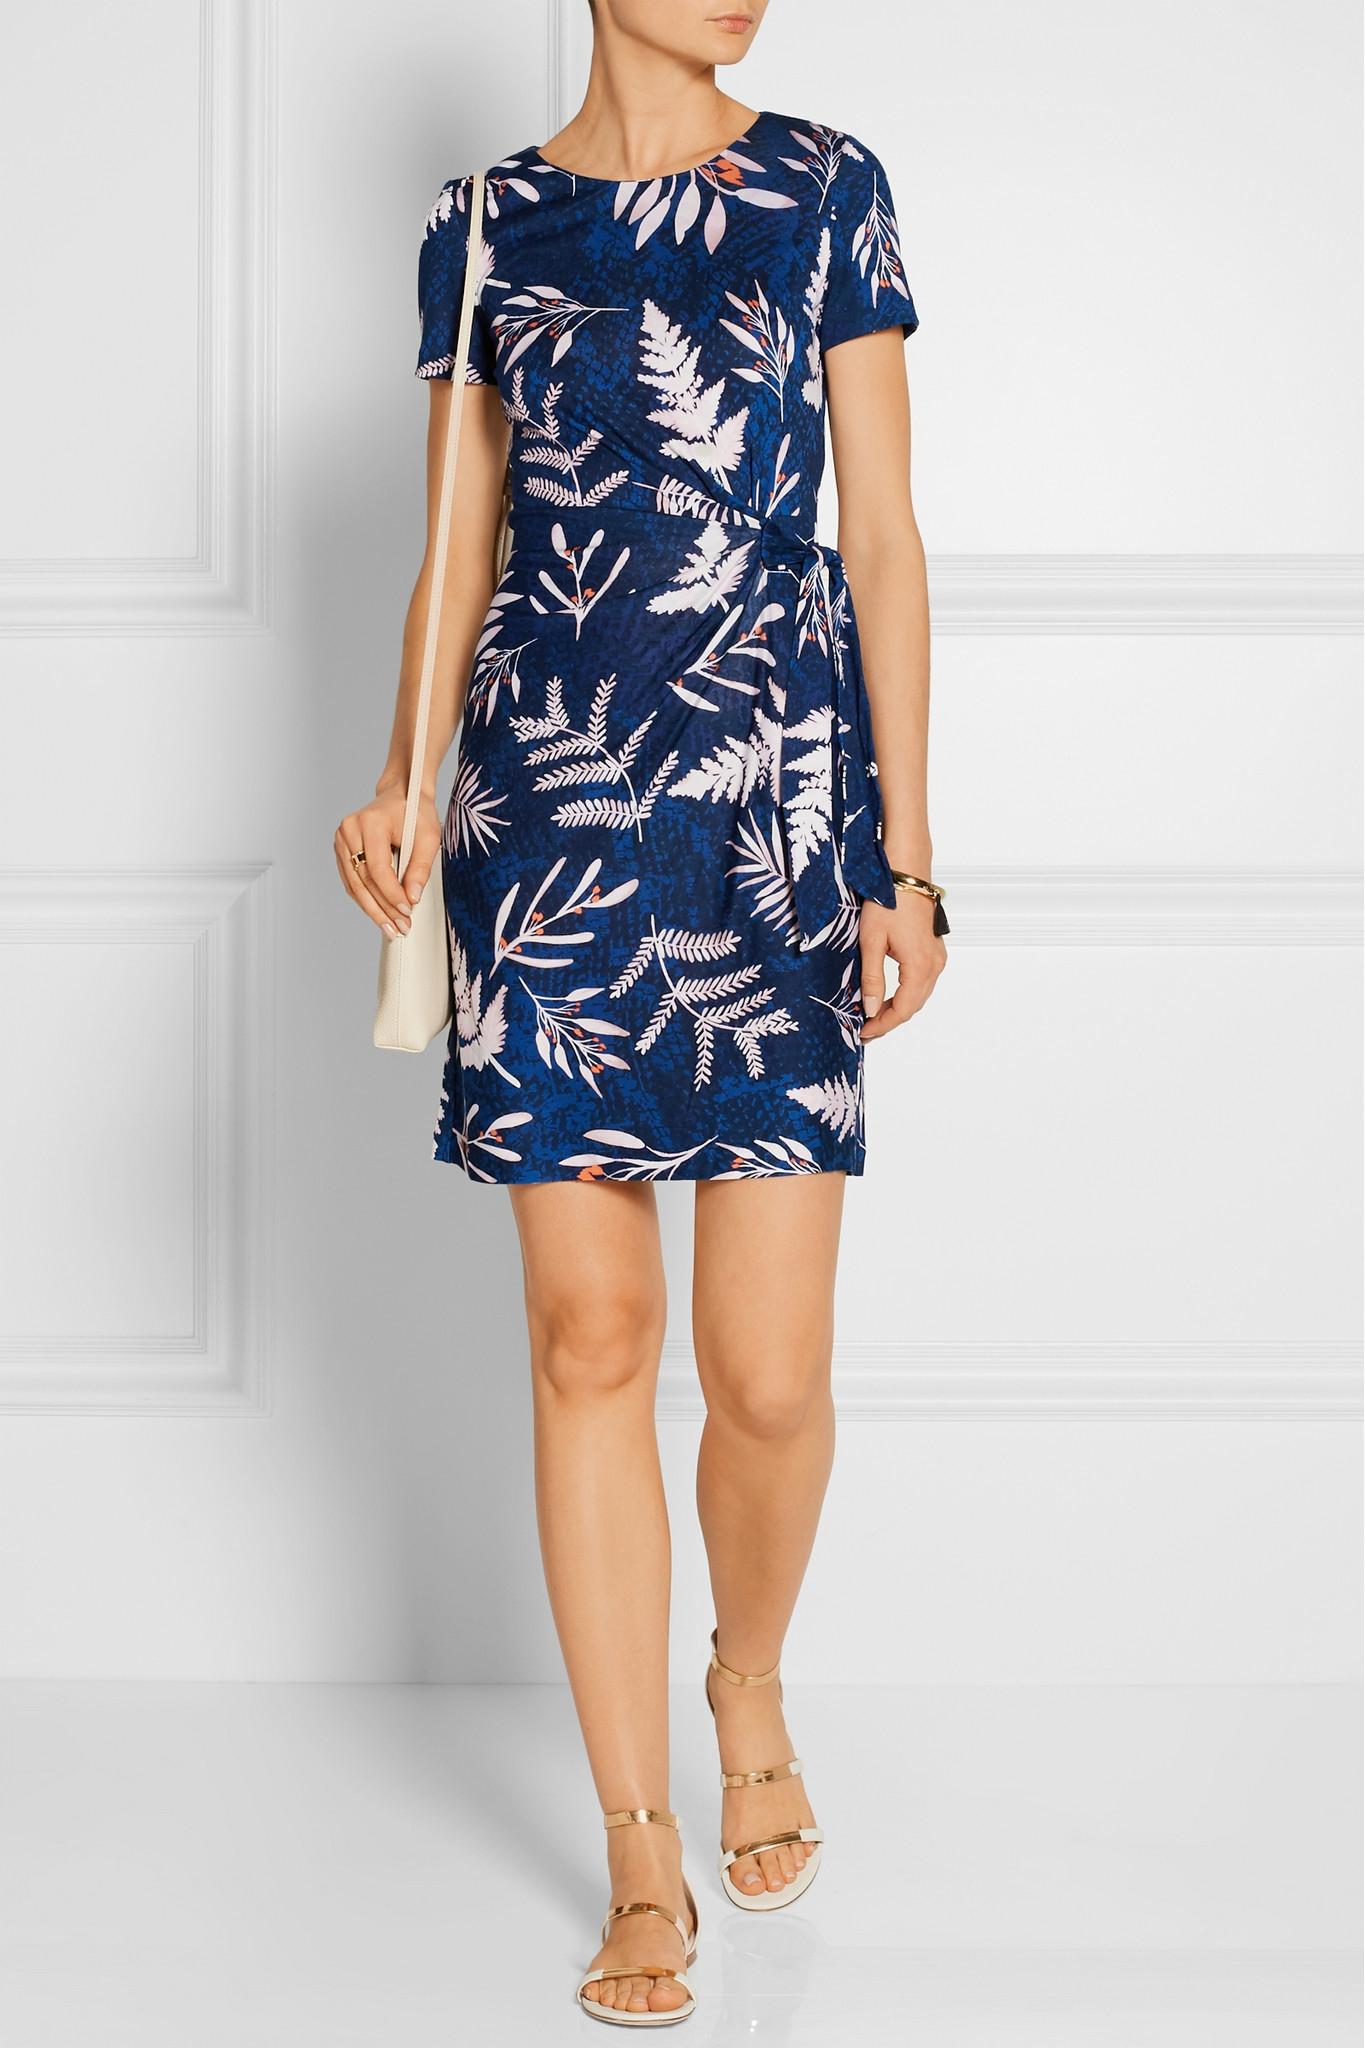 Diane von Furstenberg Zoe Printed Silk-jersey Mini Dress in Midnight Blue (Blue)